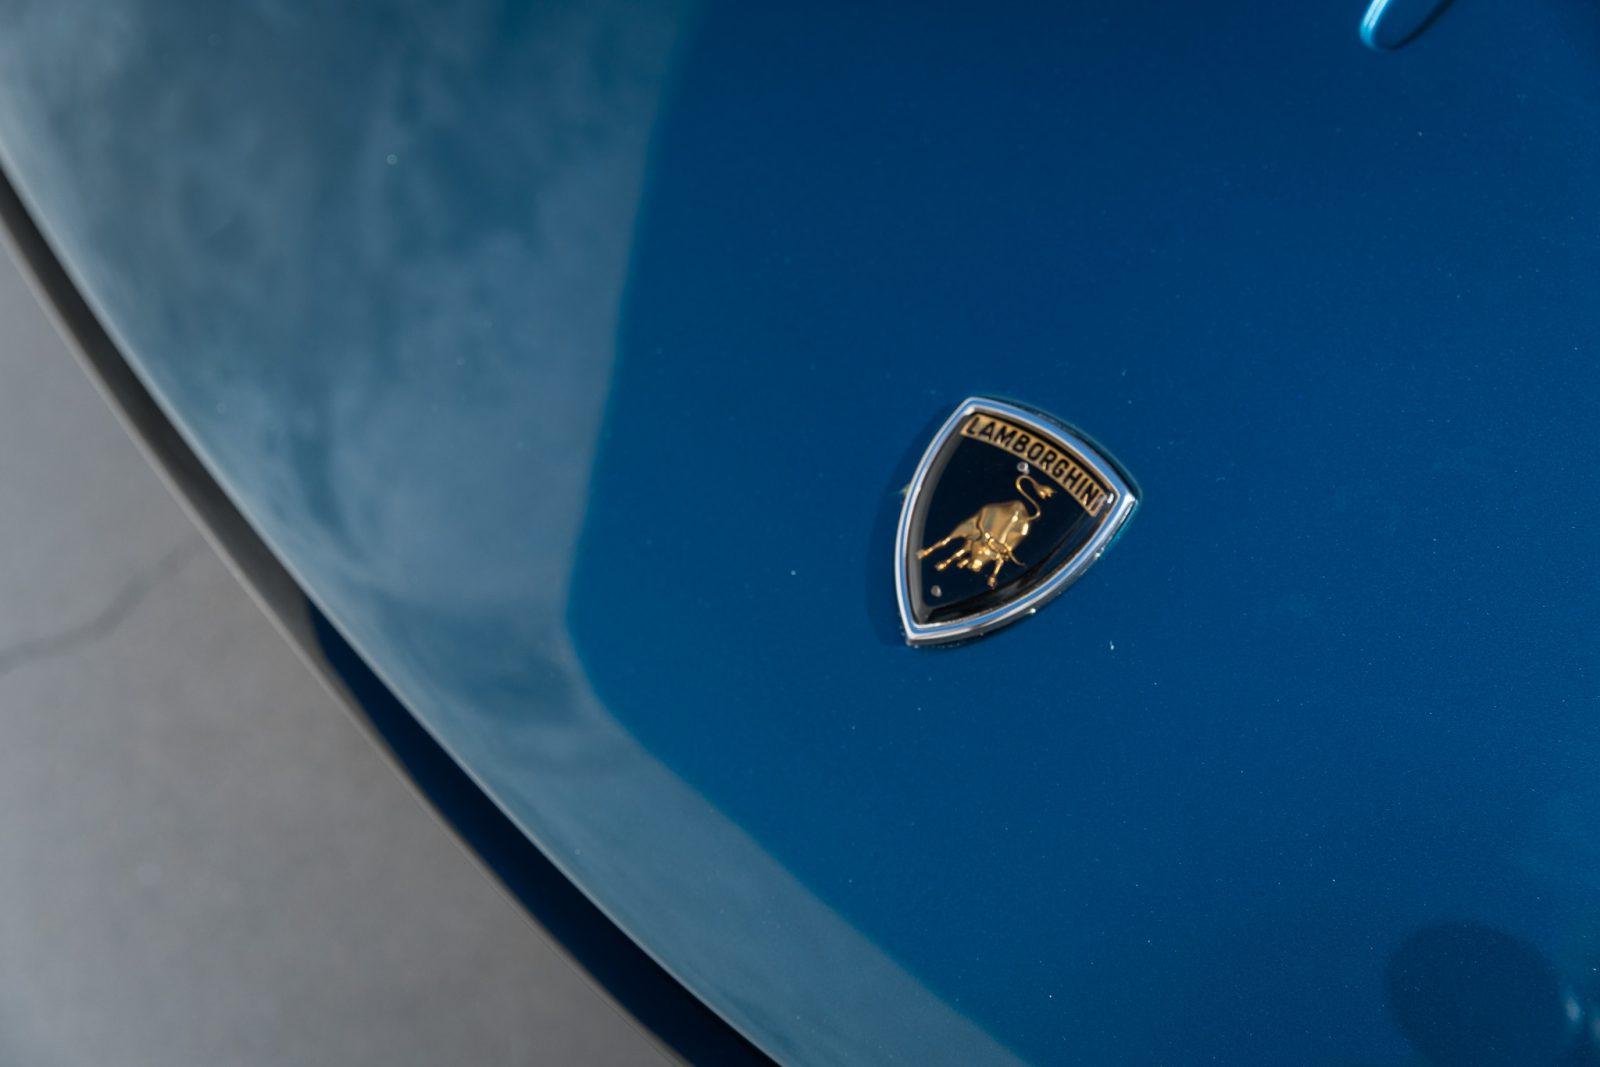 Lamborghini Miura S Blu Spettrale Metallizzato 73 Of 109 Curated